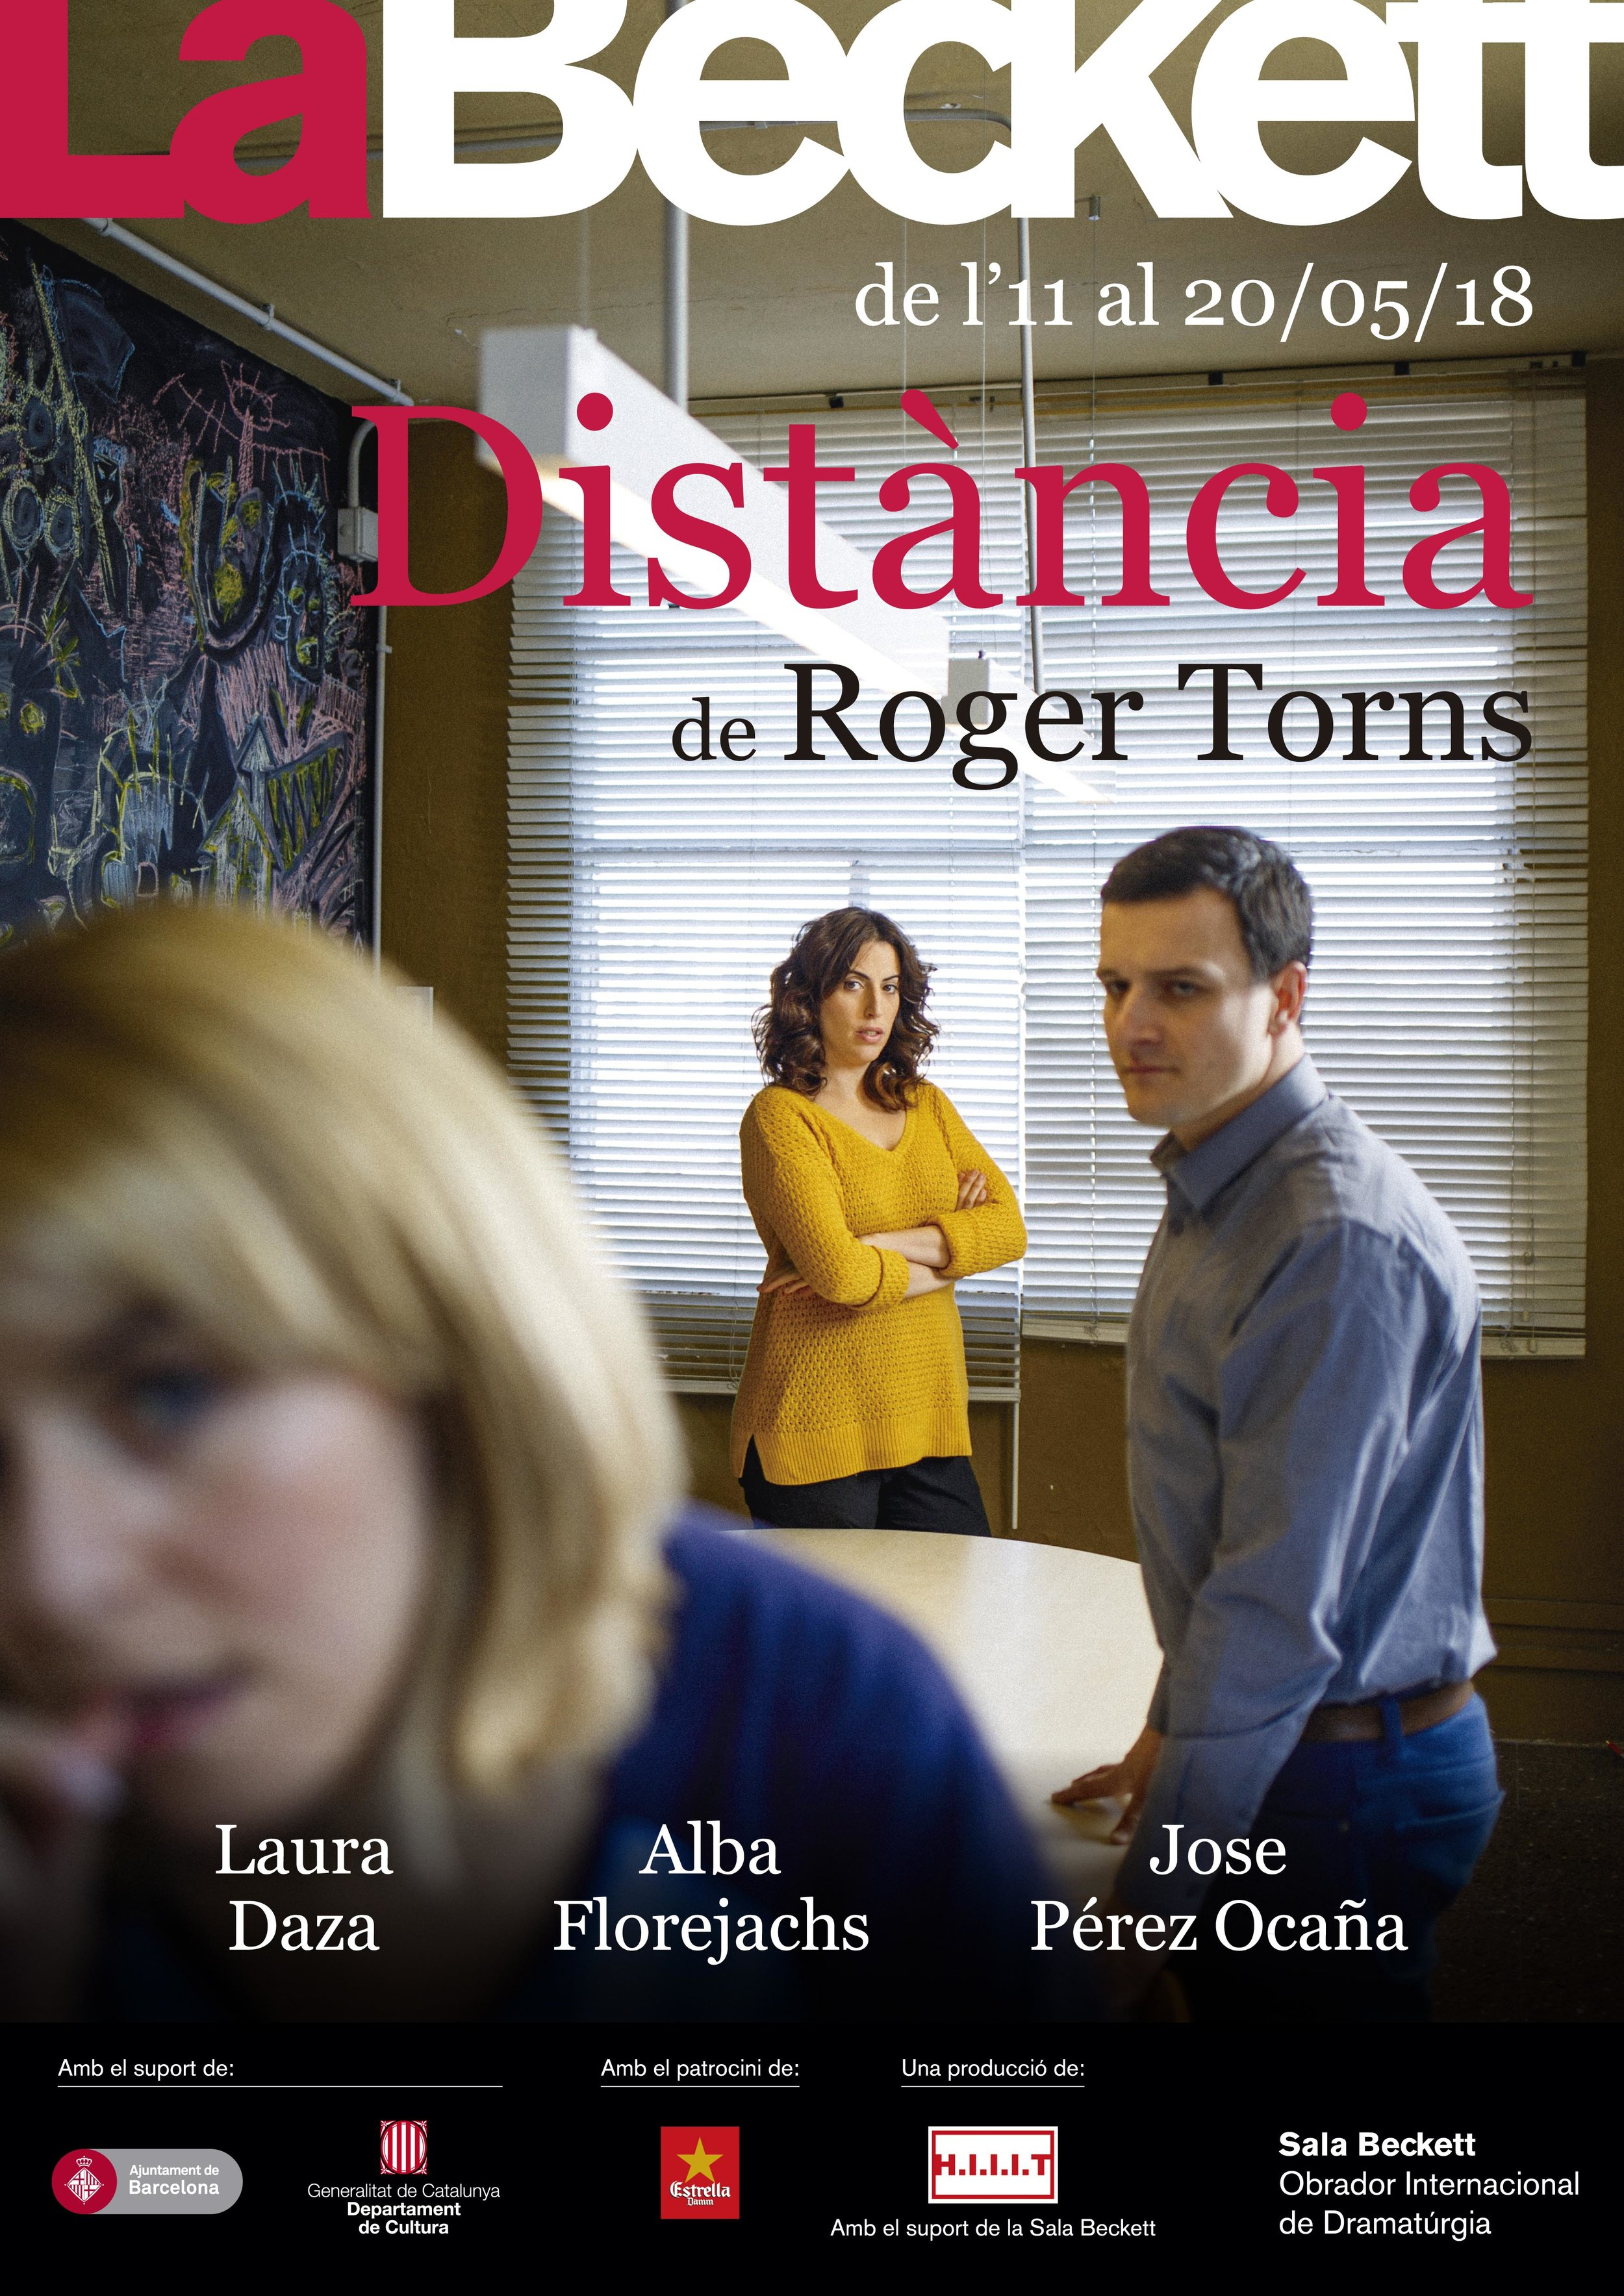 DISTÀNCIA - La Dolors ha arribat nova a l'institut i ha ensenyat un vídeo d'una agressió brutal als seus alumnes. A partir de l'arribada de la Dolors, l'Esther, una alumna exemplar, adopta una acti- tud contestatària i rebel, ns al punt d'agredir a un company empenyent-lo escales avall.FITXA ARTÍSTICADirecció i dramatúrgia Roger TornsIntèrprets Alba Florejachs, Laura Daza i José Pérez-OcañaEspai, vestuari i il·luminació Albert Ventura i Alejandra Lorenzo.Espai sonor i música Roger Torns i Laura DazaProducció i distribució Cristina FerrerProduït per H.I.I.I.T amb el Suport de la Sala Beckett